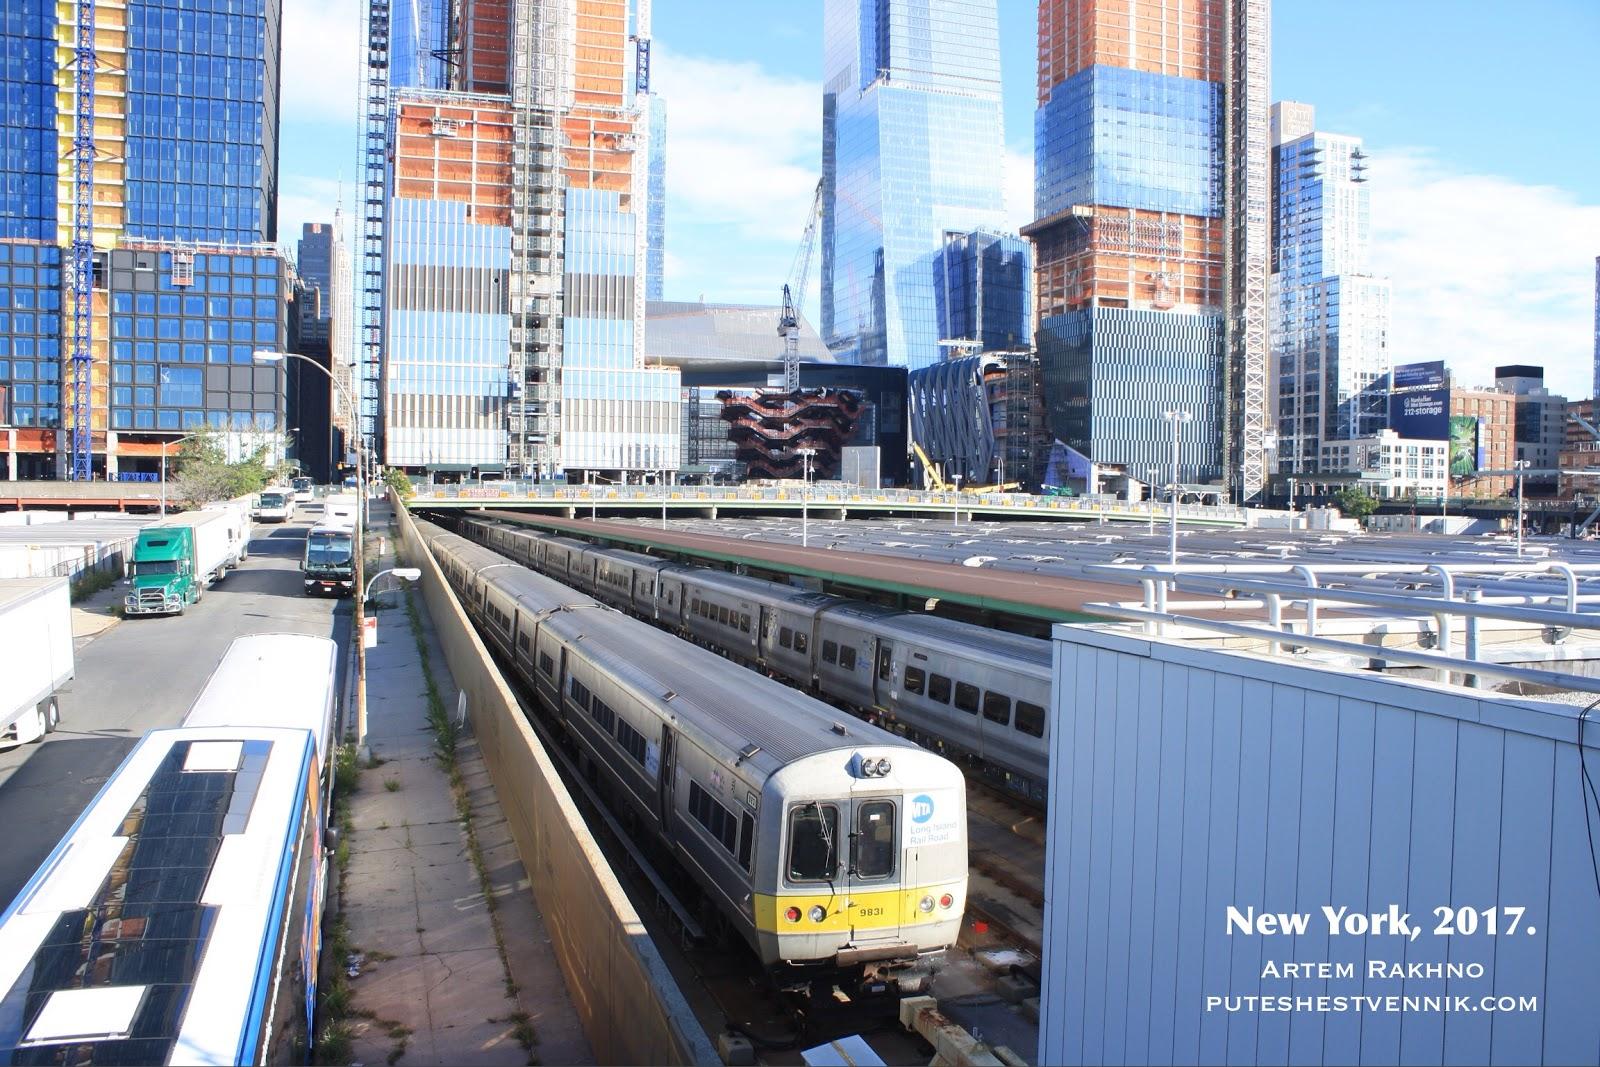 Поезда метро и небоскребы